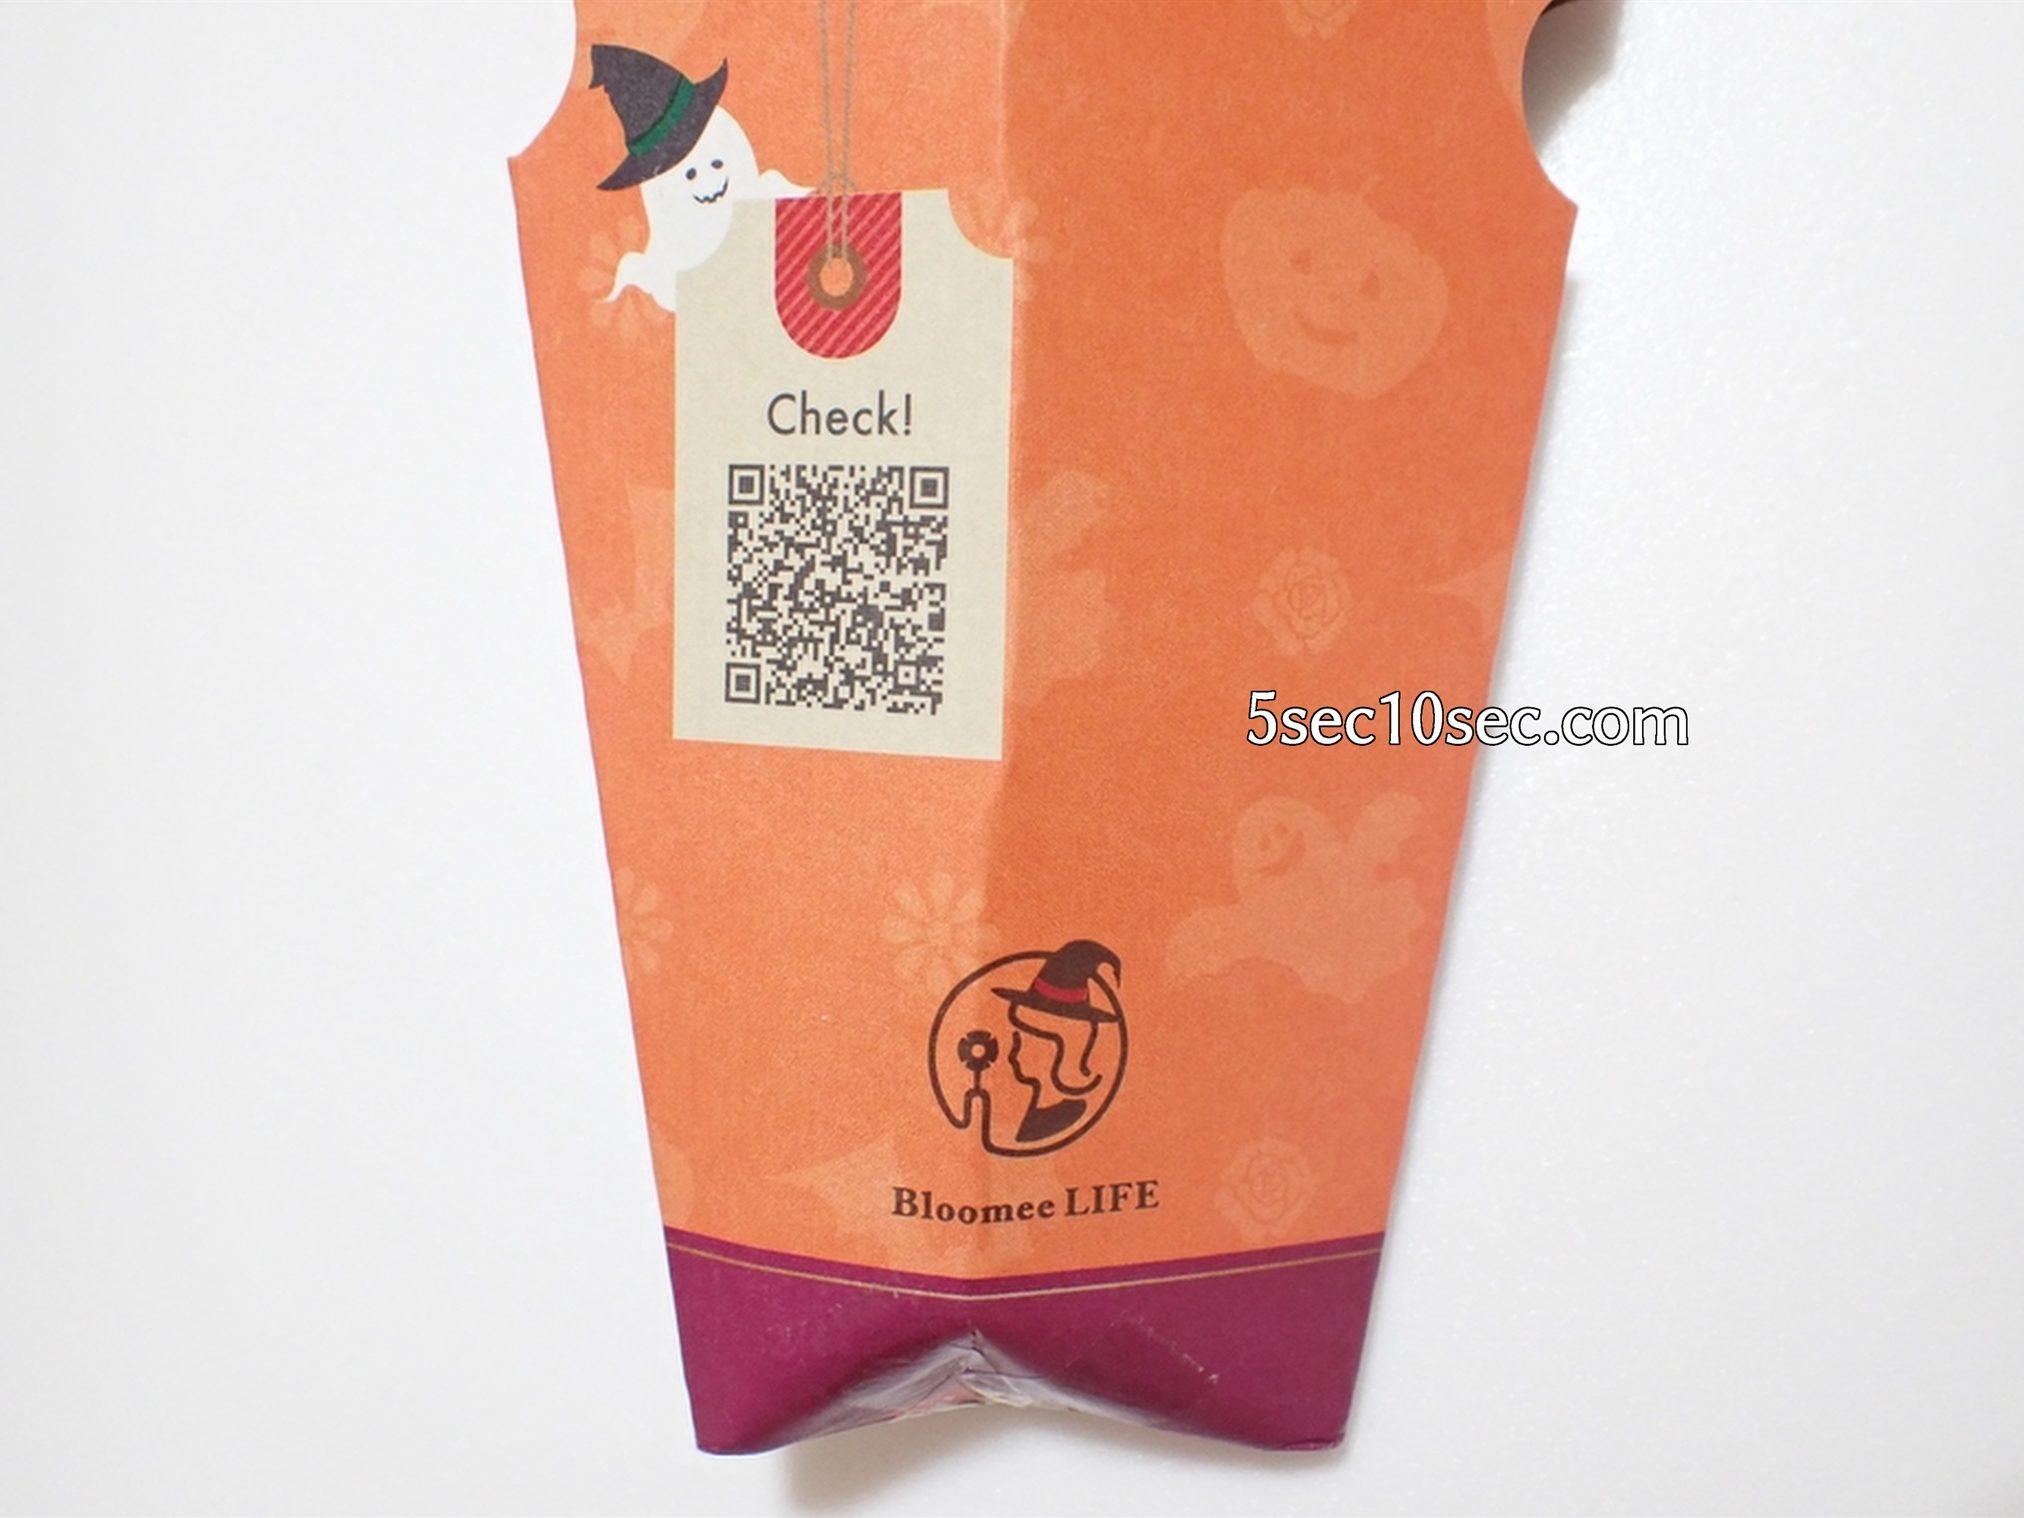 株式会社Crunch Style お花の定期便 Bloomee LIFE ブルーミーライフ パッケージの裏面にもハロウィンに可愛いイラストが入っています